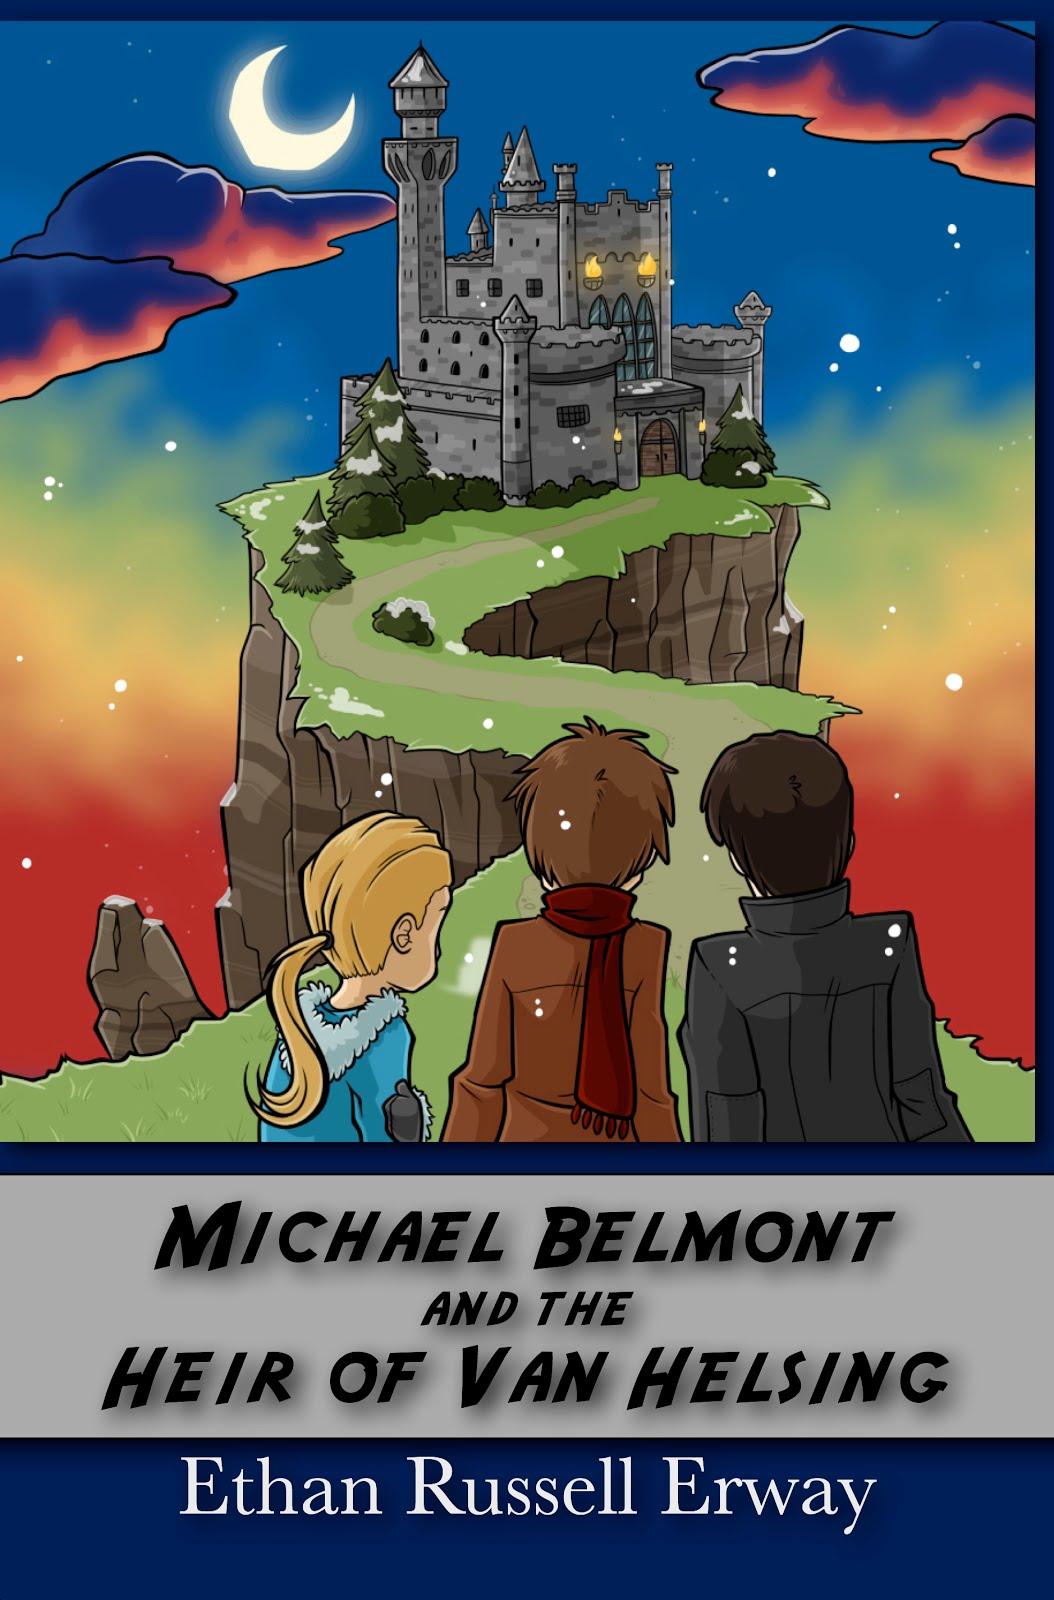 Michael Belmont and the Heir of Van Helsing